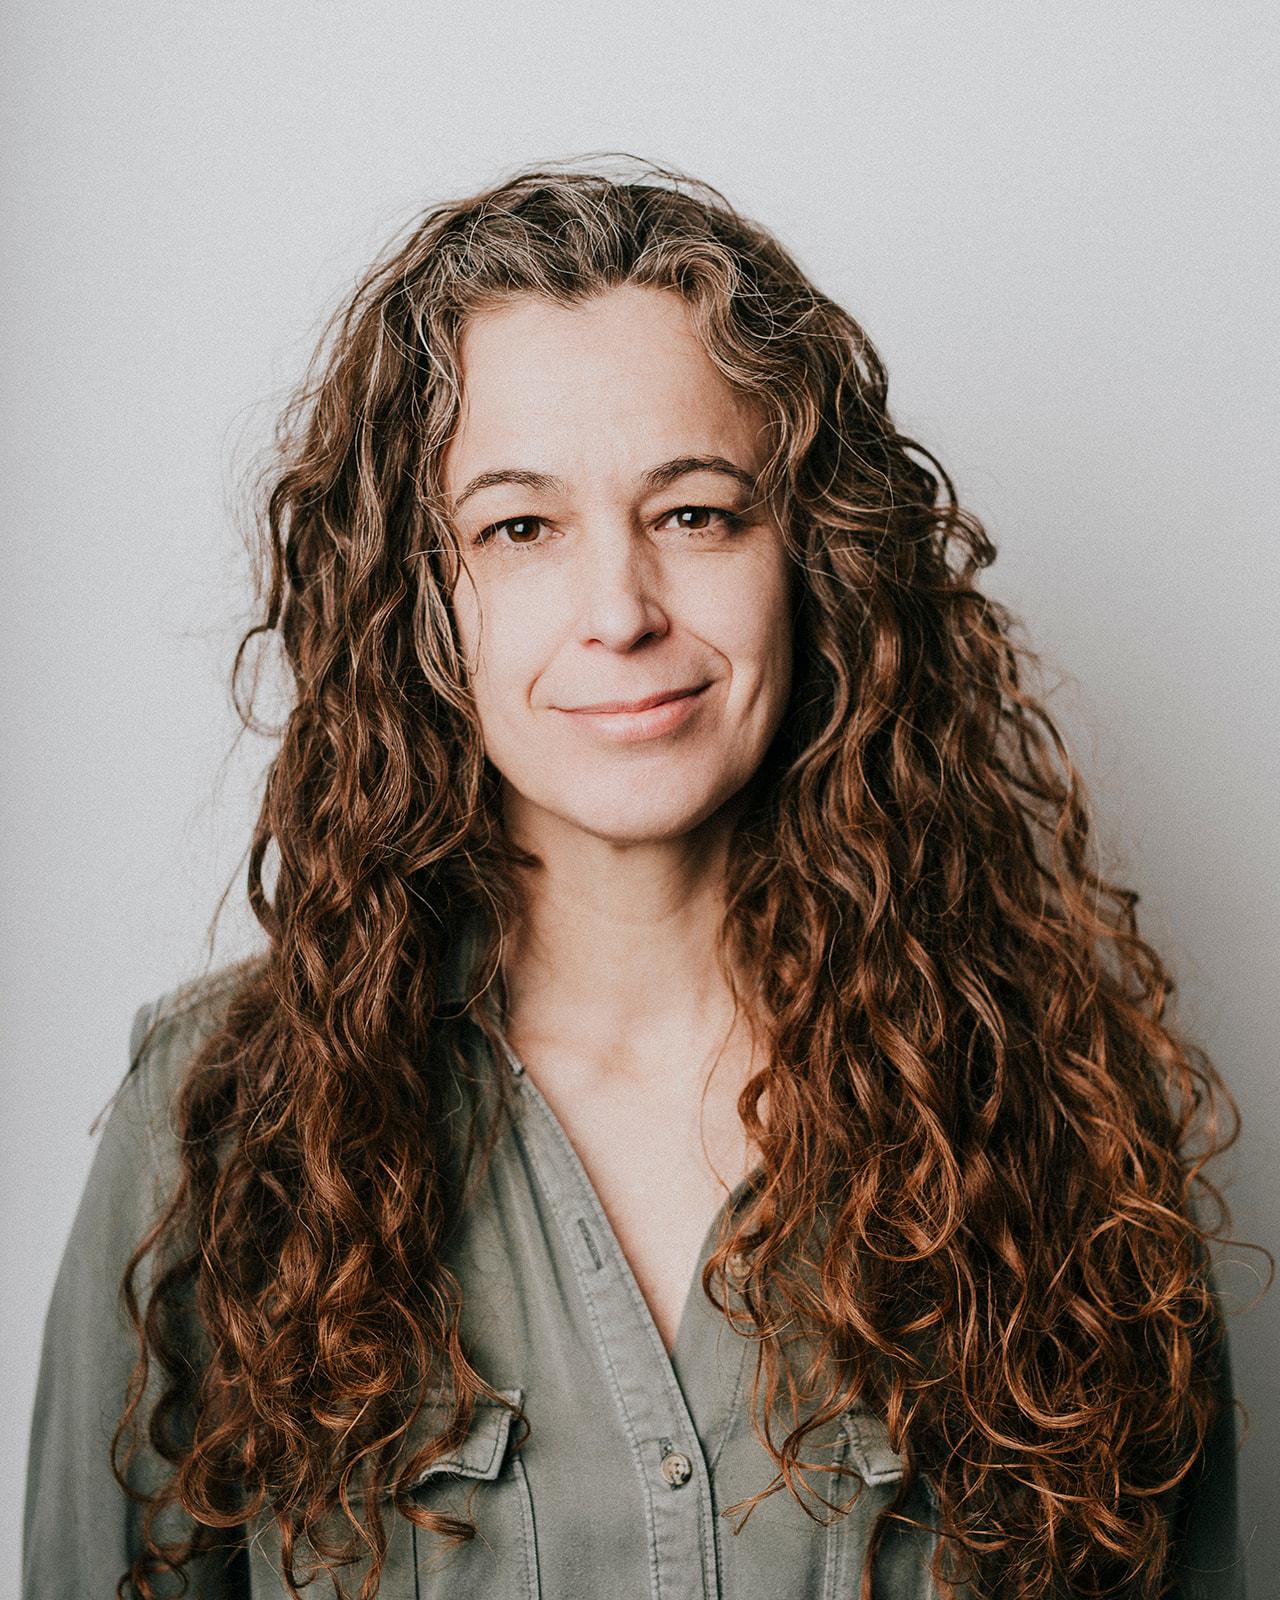 Tessa VanOene